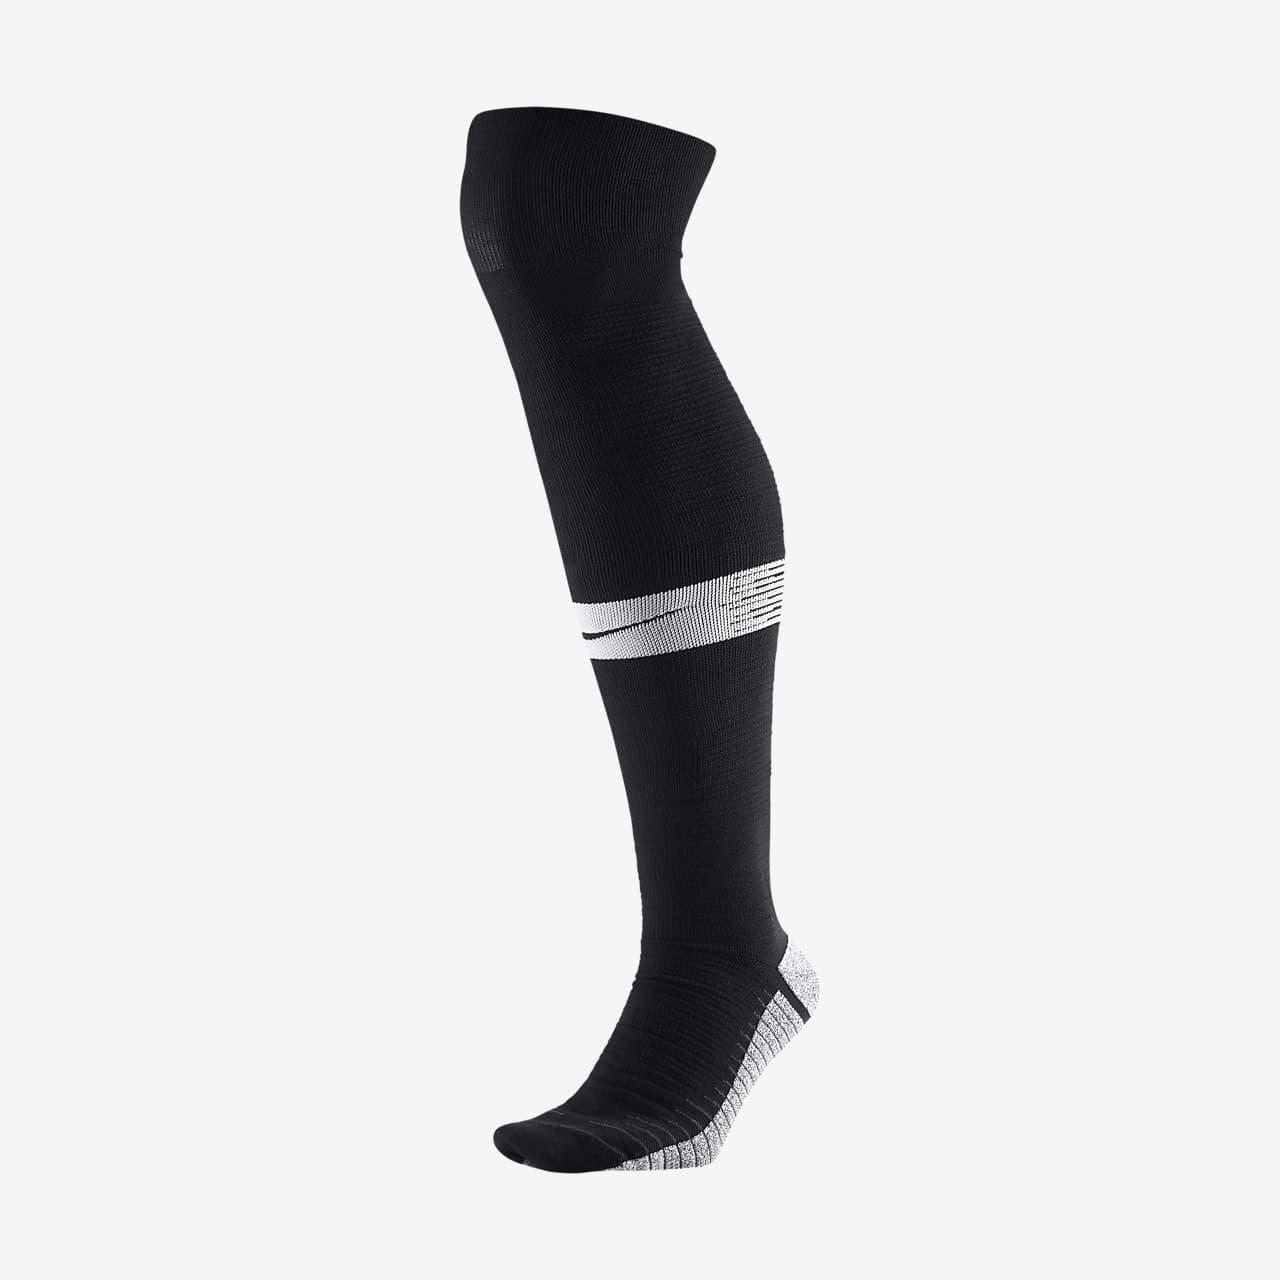 NikeGrip Strike Light Soccer Over-The-Calf Socks